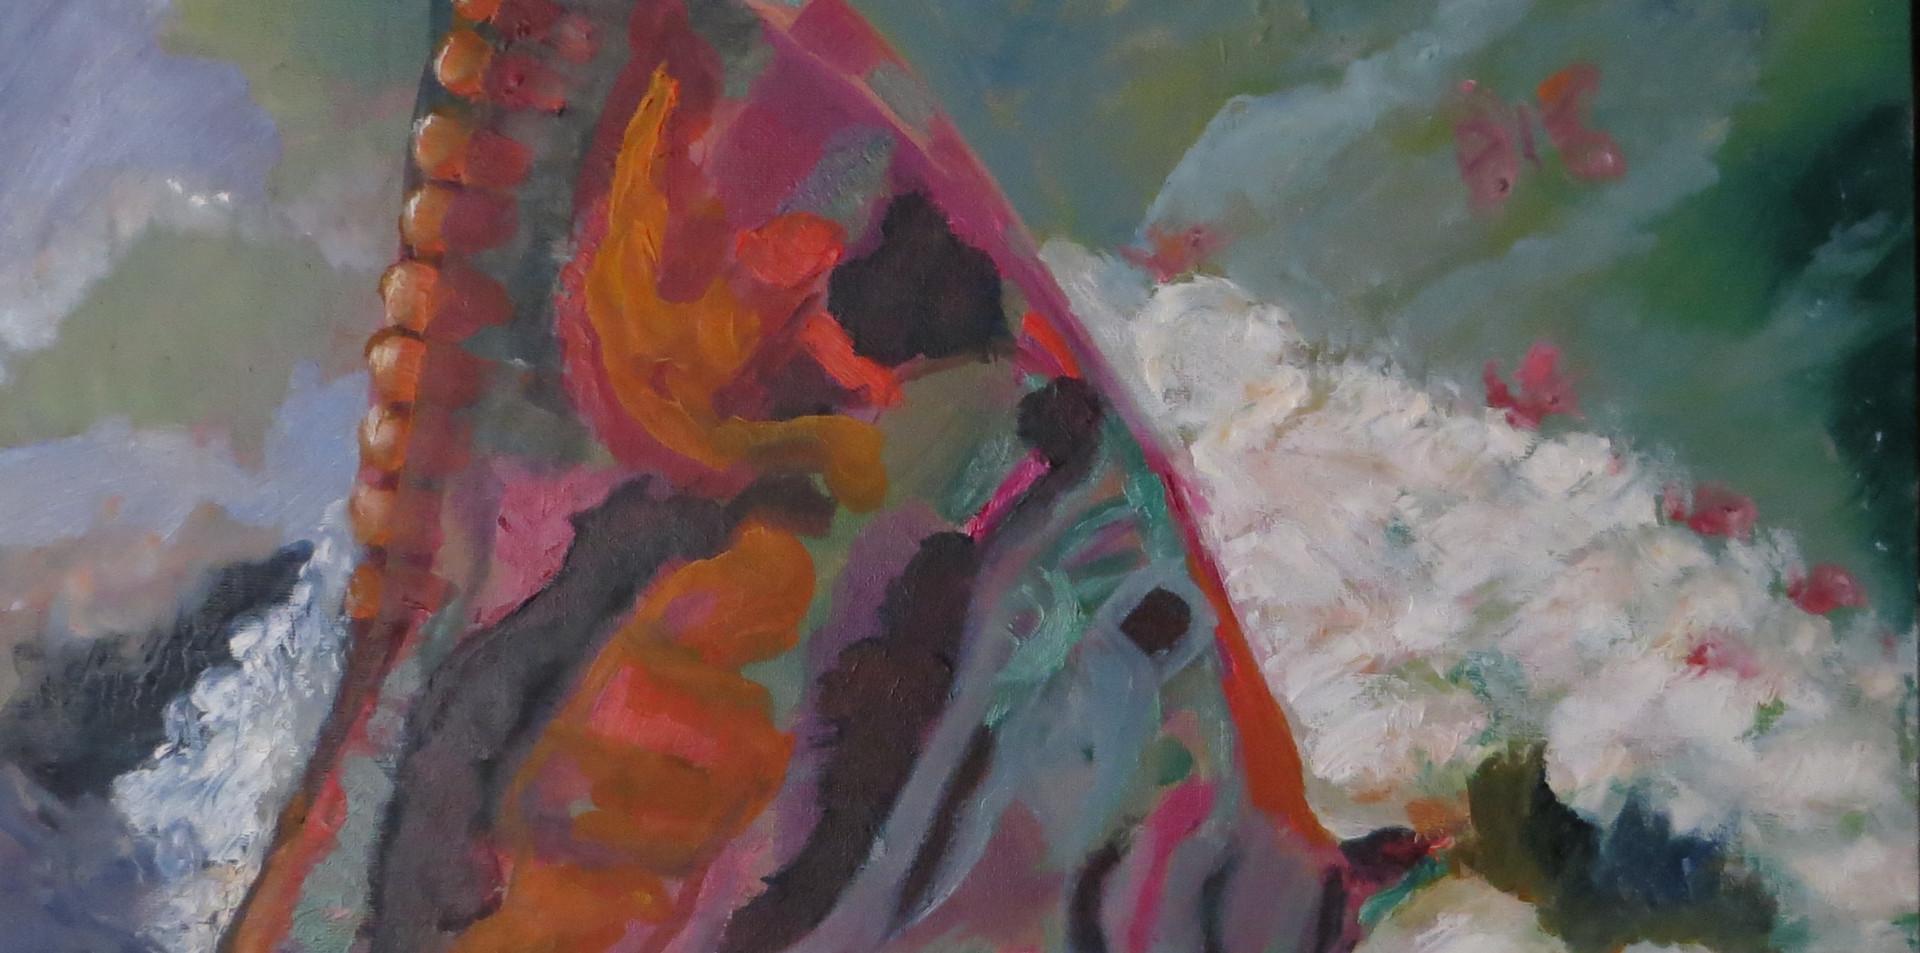 2015 - olie op canvasboard - 50 x 50 cm - Zomer